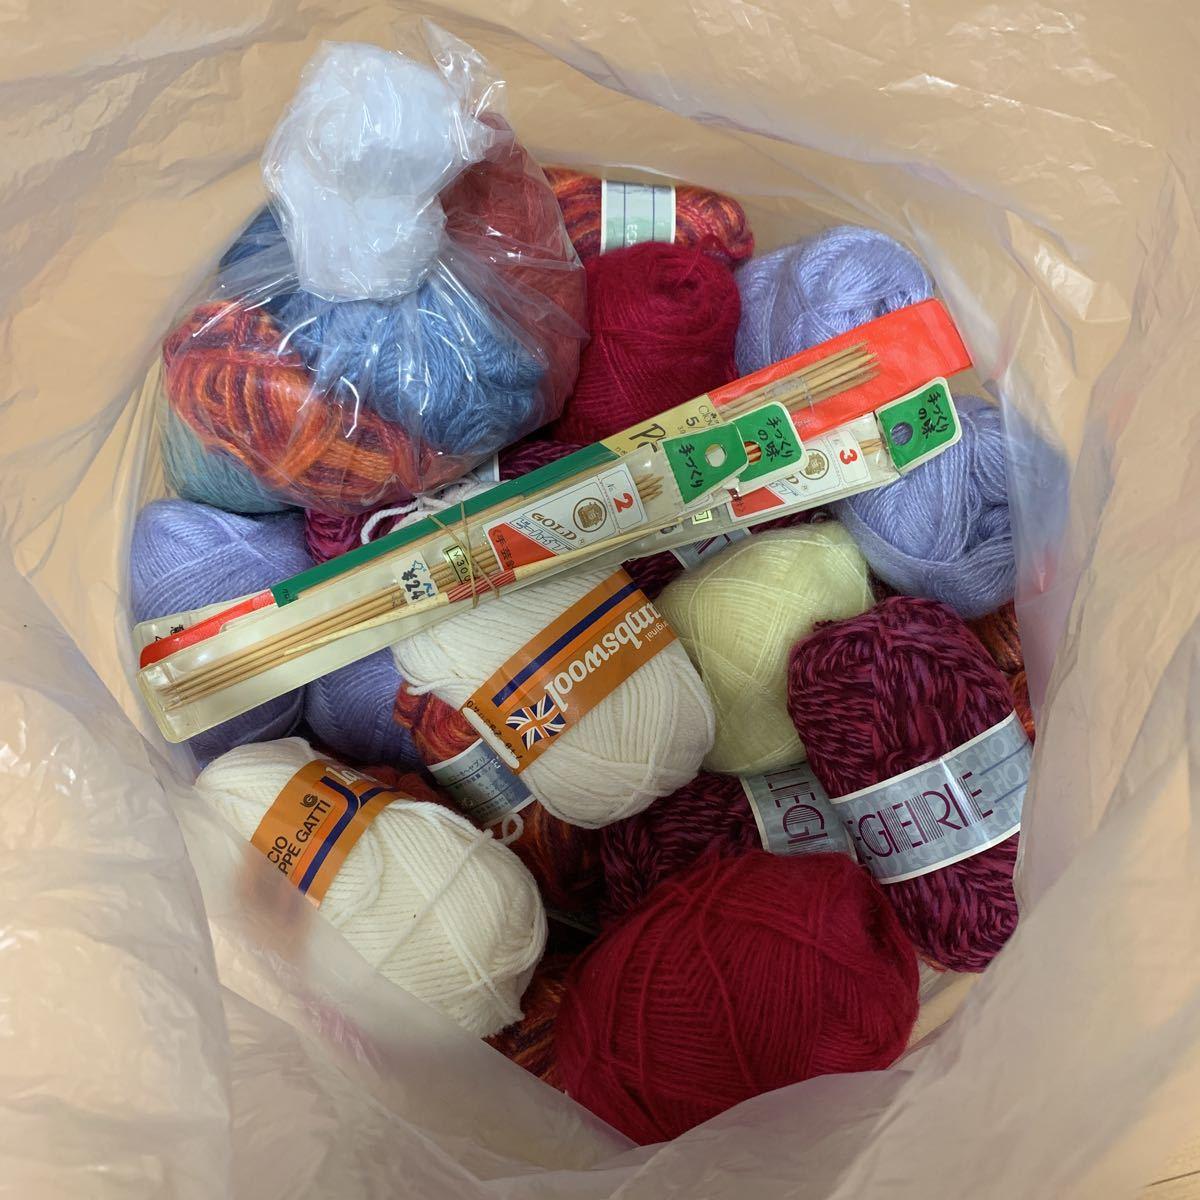 送料込!140サイズ!毛糸 まとめて まとめ売り 大量 編み針 かぎ針 ジャンク品 経年保管品 中古 編み物 手編み _画像2